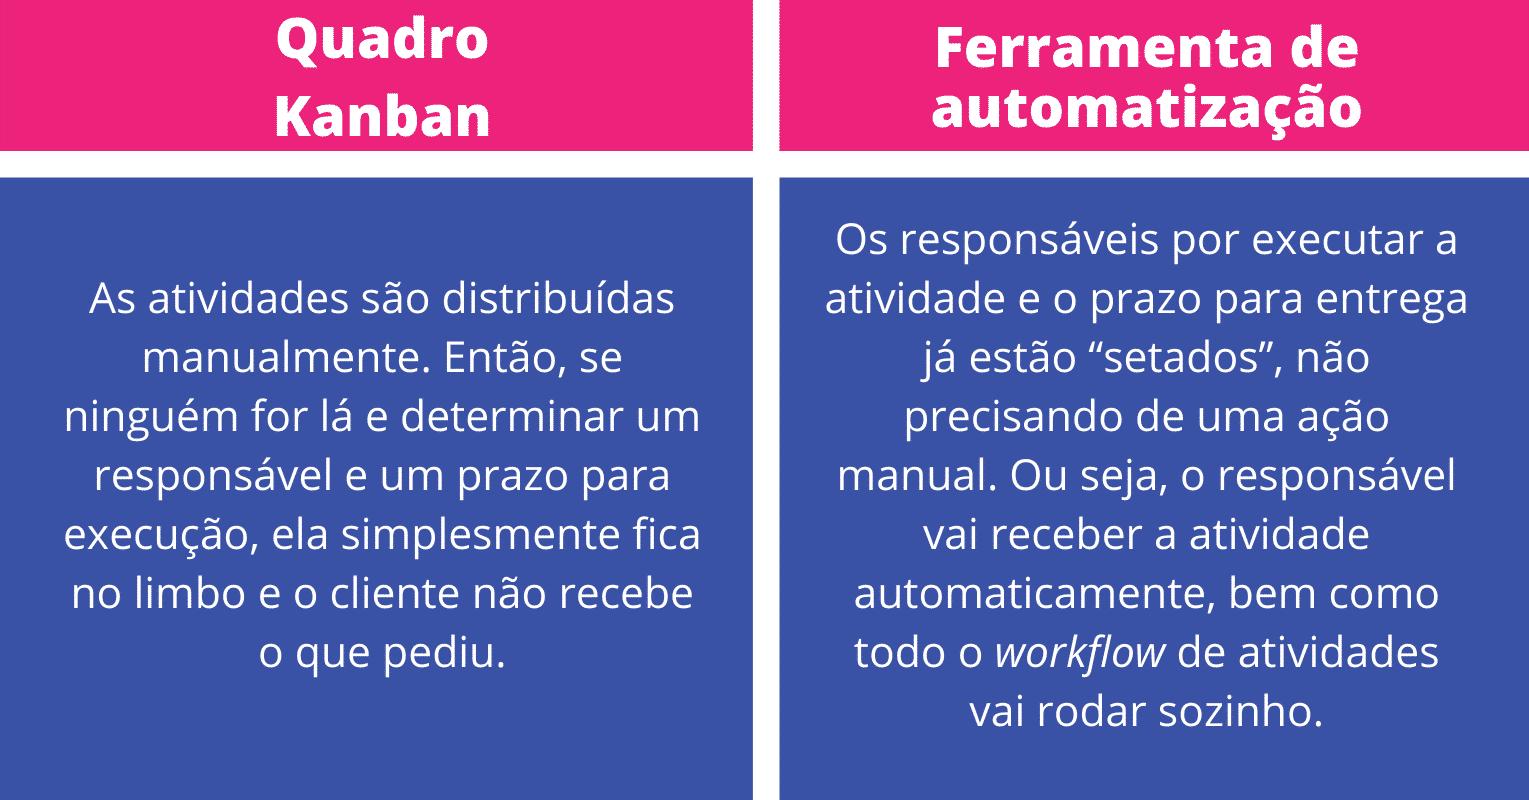 Quadro Kanban x Ferramenta de automatização de atividades e solicitações